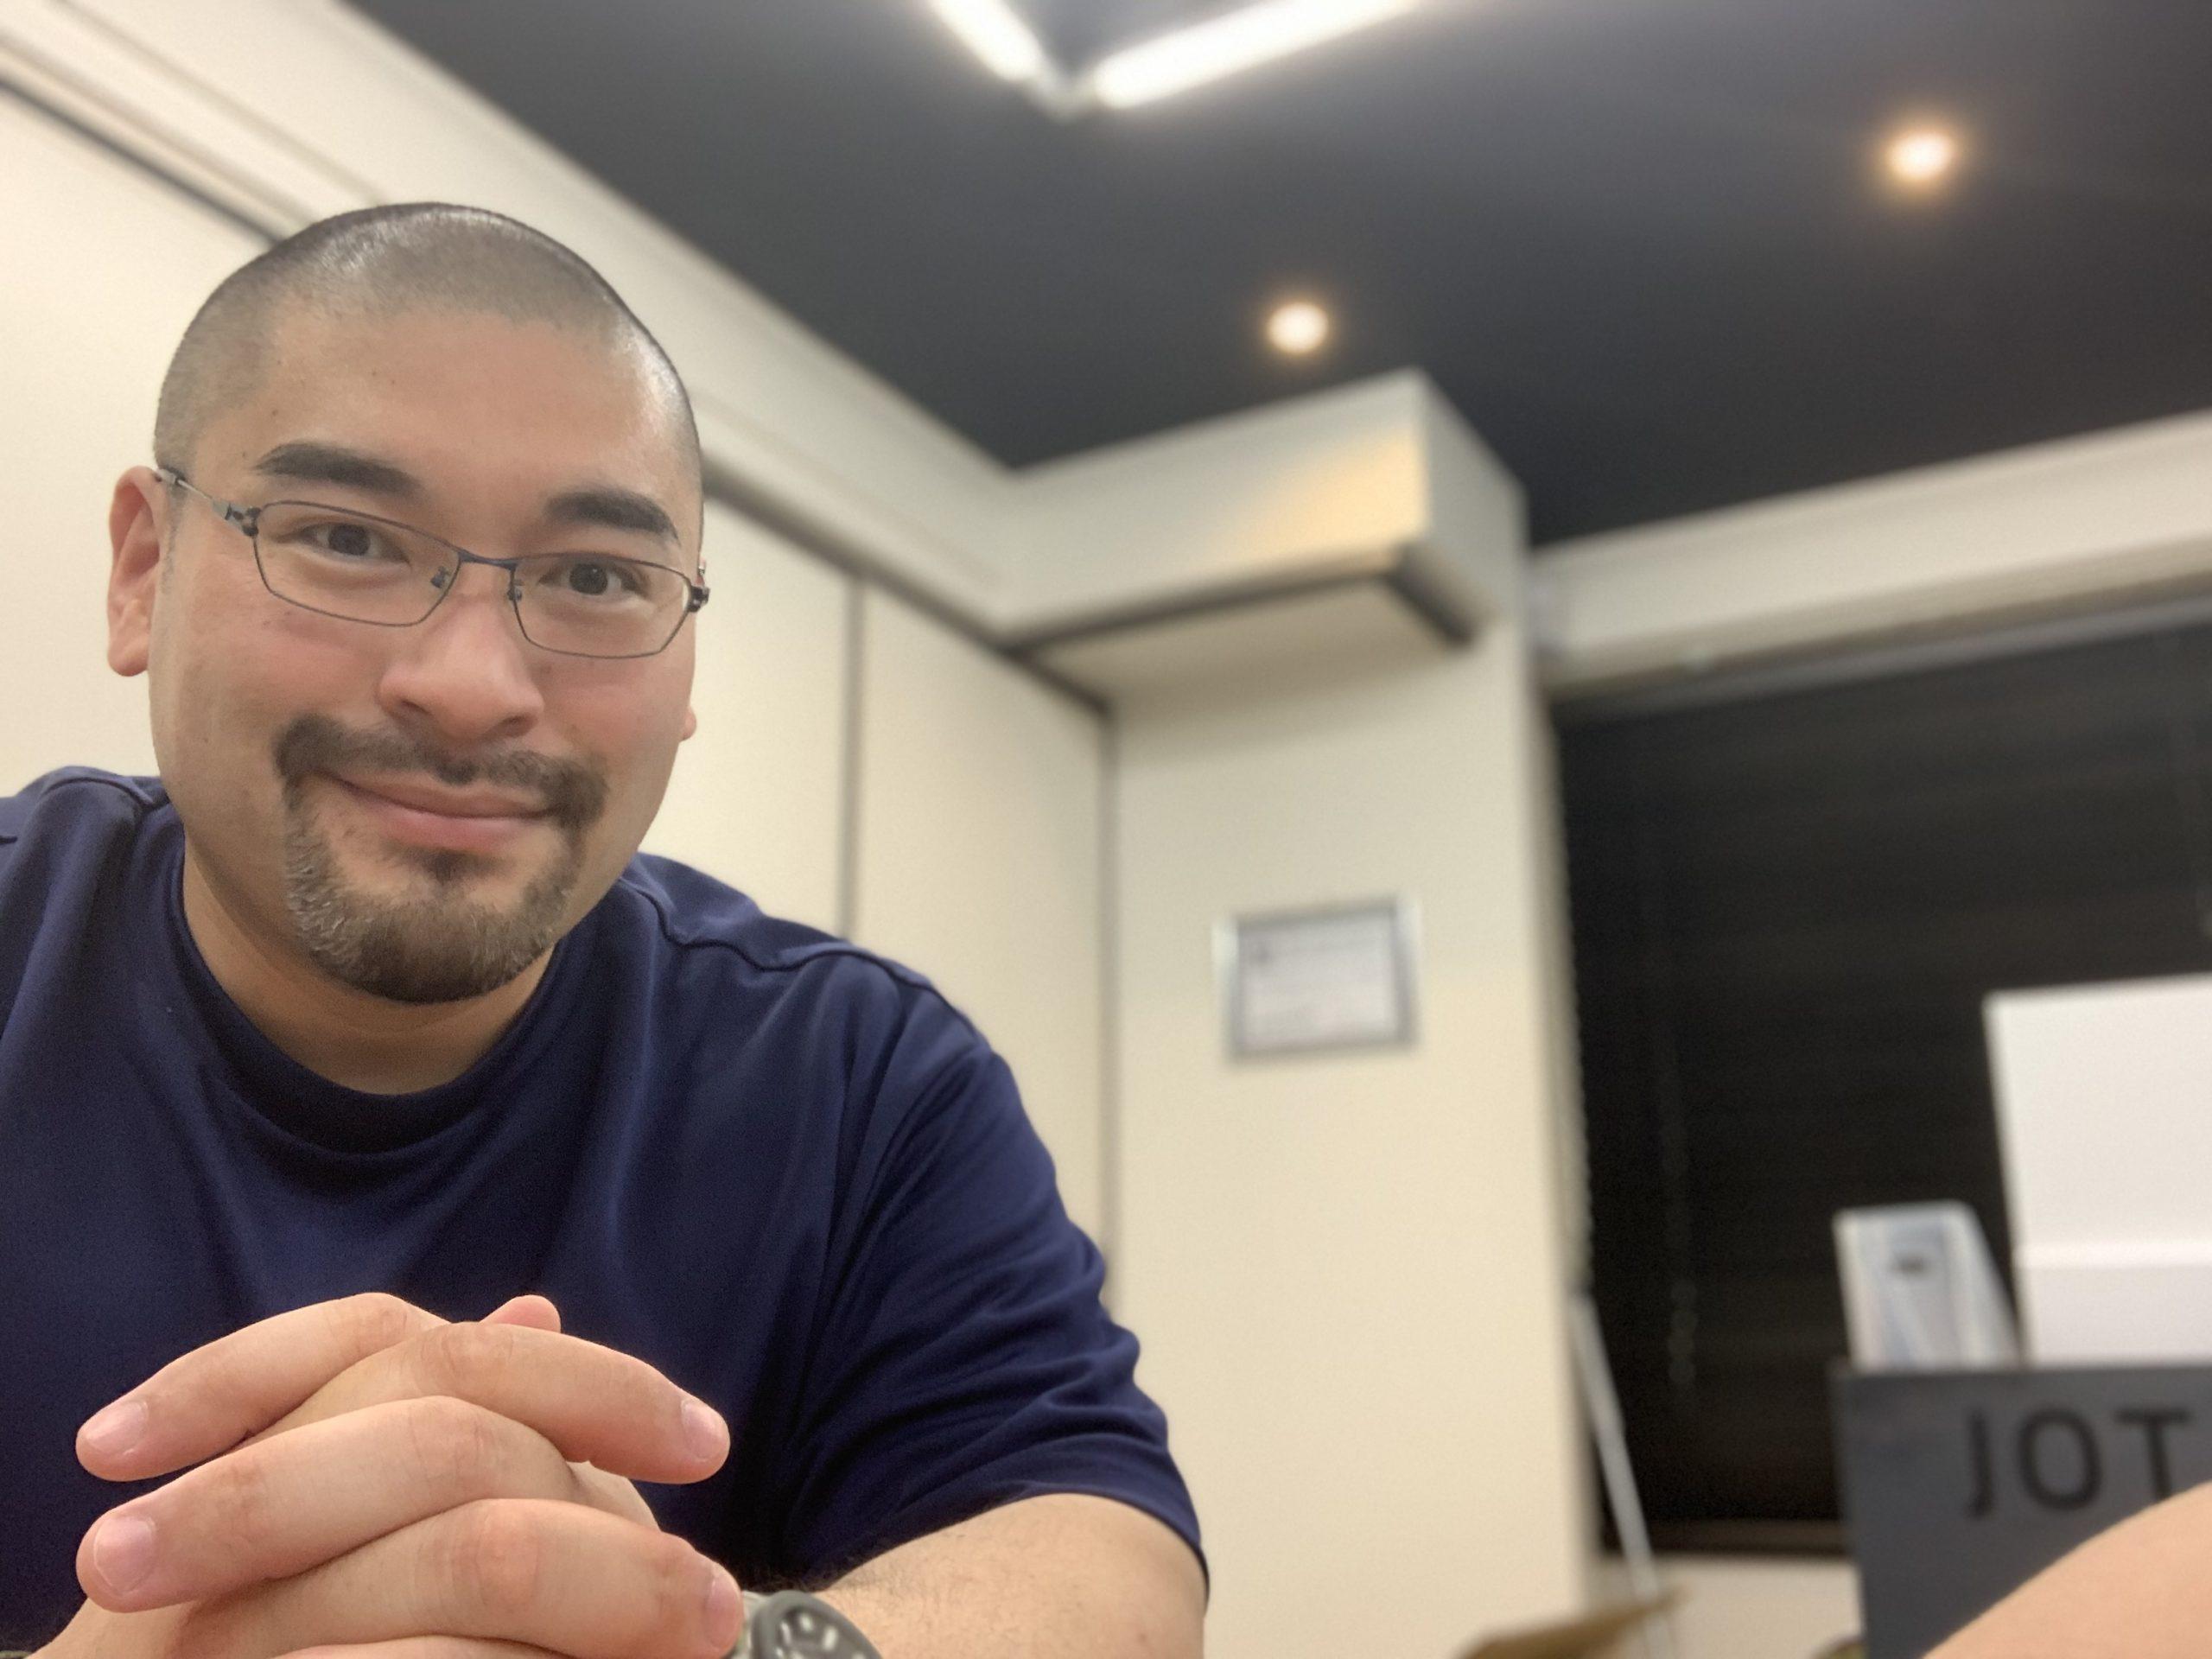 現役パーソナルトレーナーのリアルインタビュー JOT講師菰渕先生